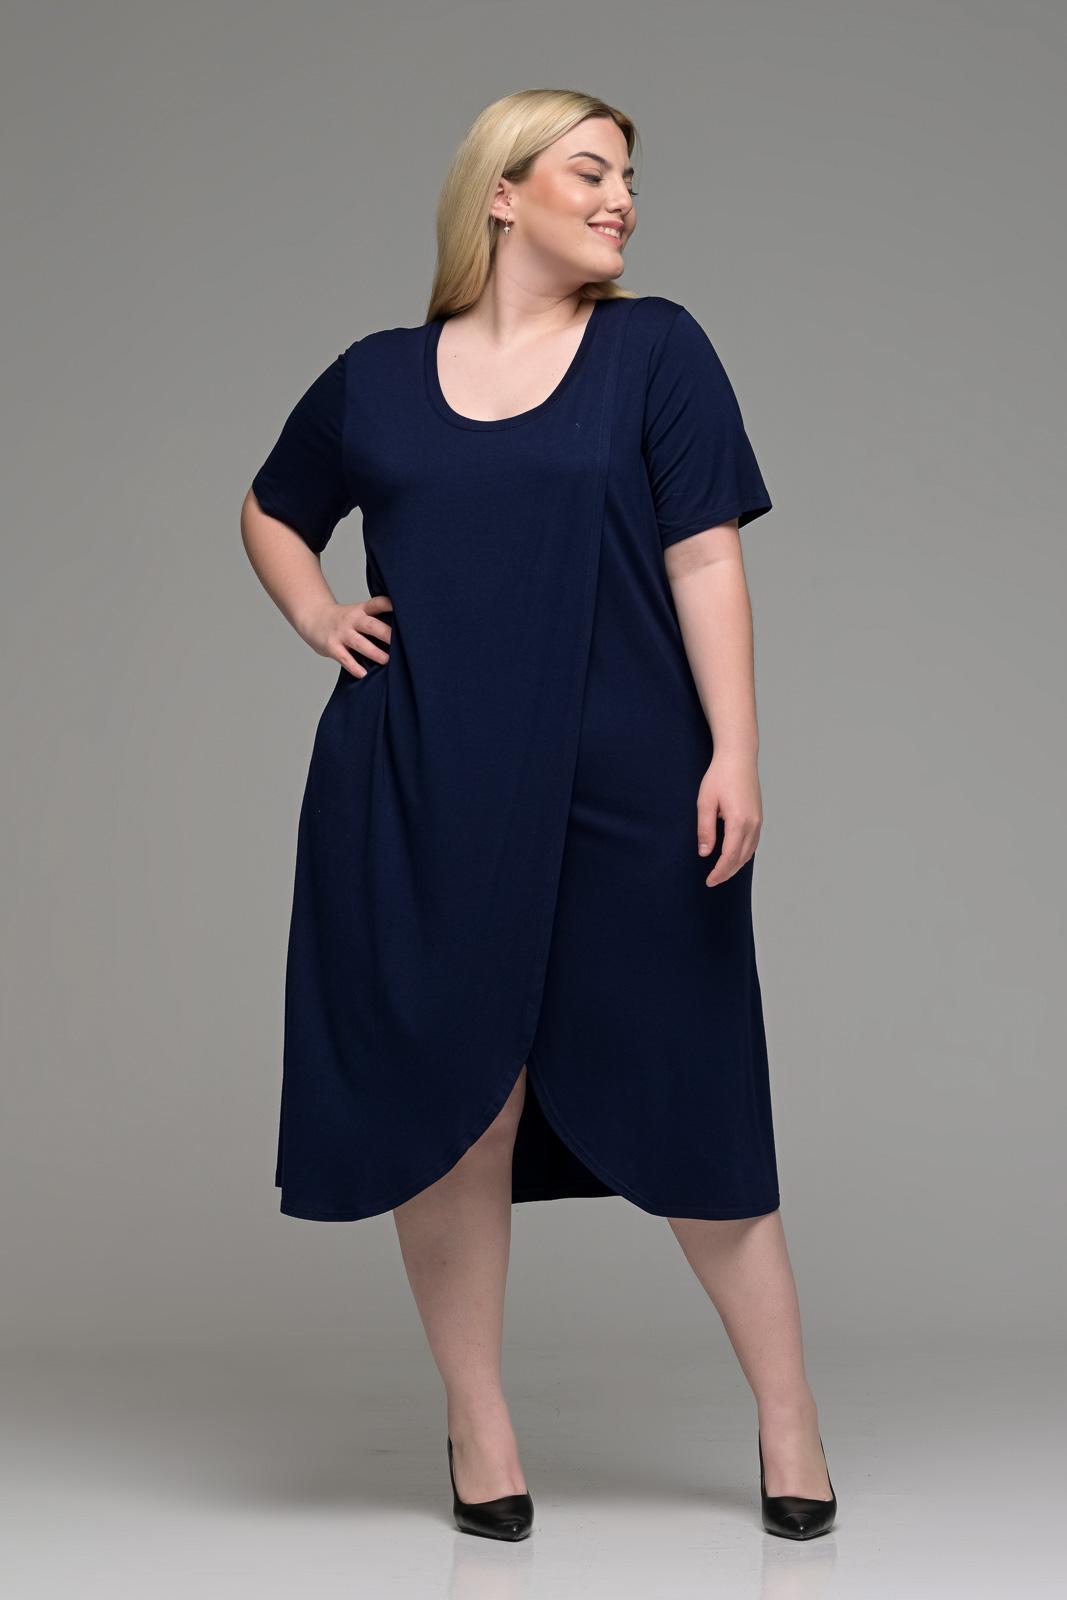 Φόρεμα μεγάλα μεγέθη φάκελος βισκόζ μπλε σε γραμμή Α